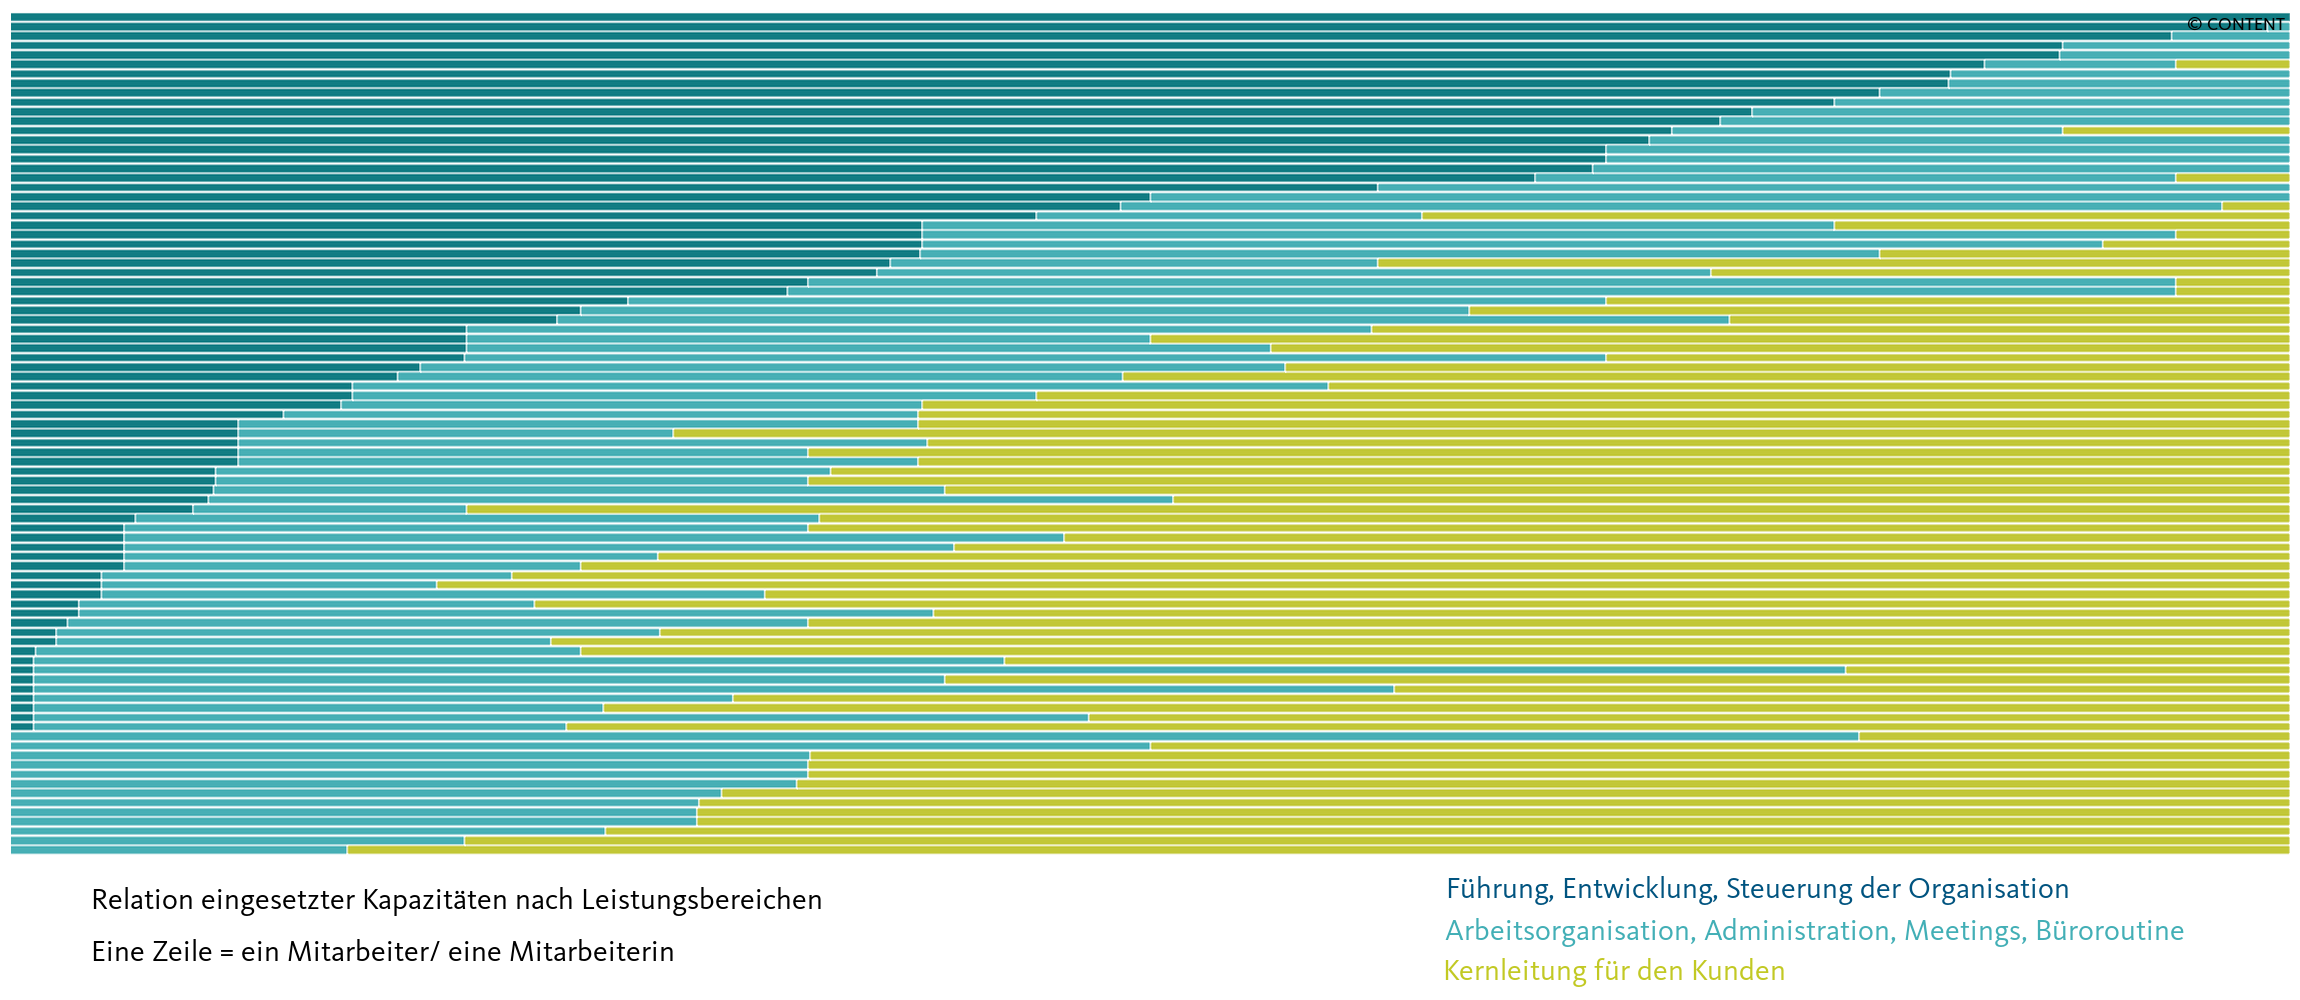 Relation eingesetzte Kapazitäten nach Leistungsbereichen im Detail